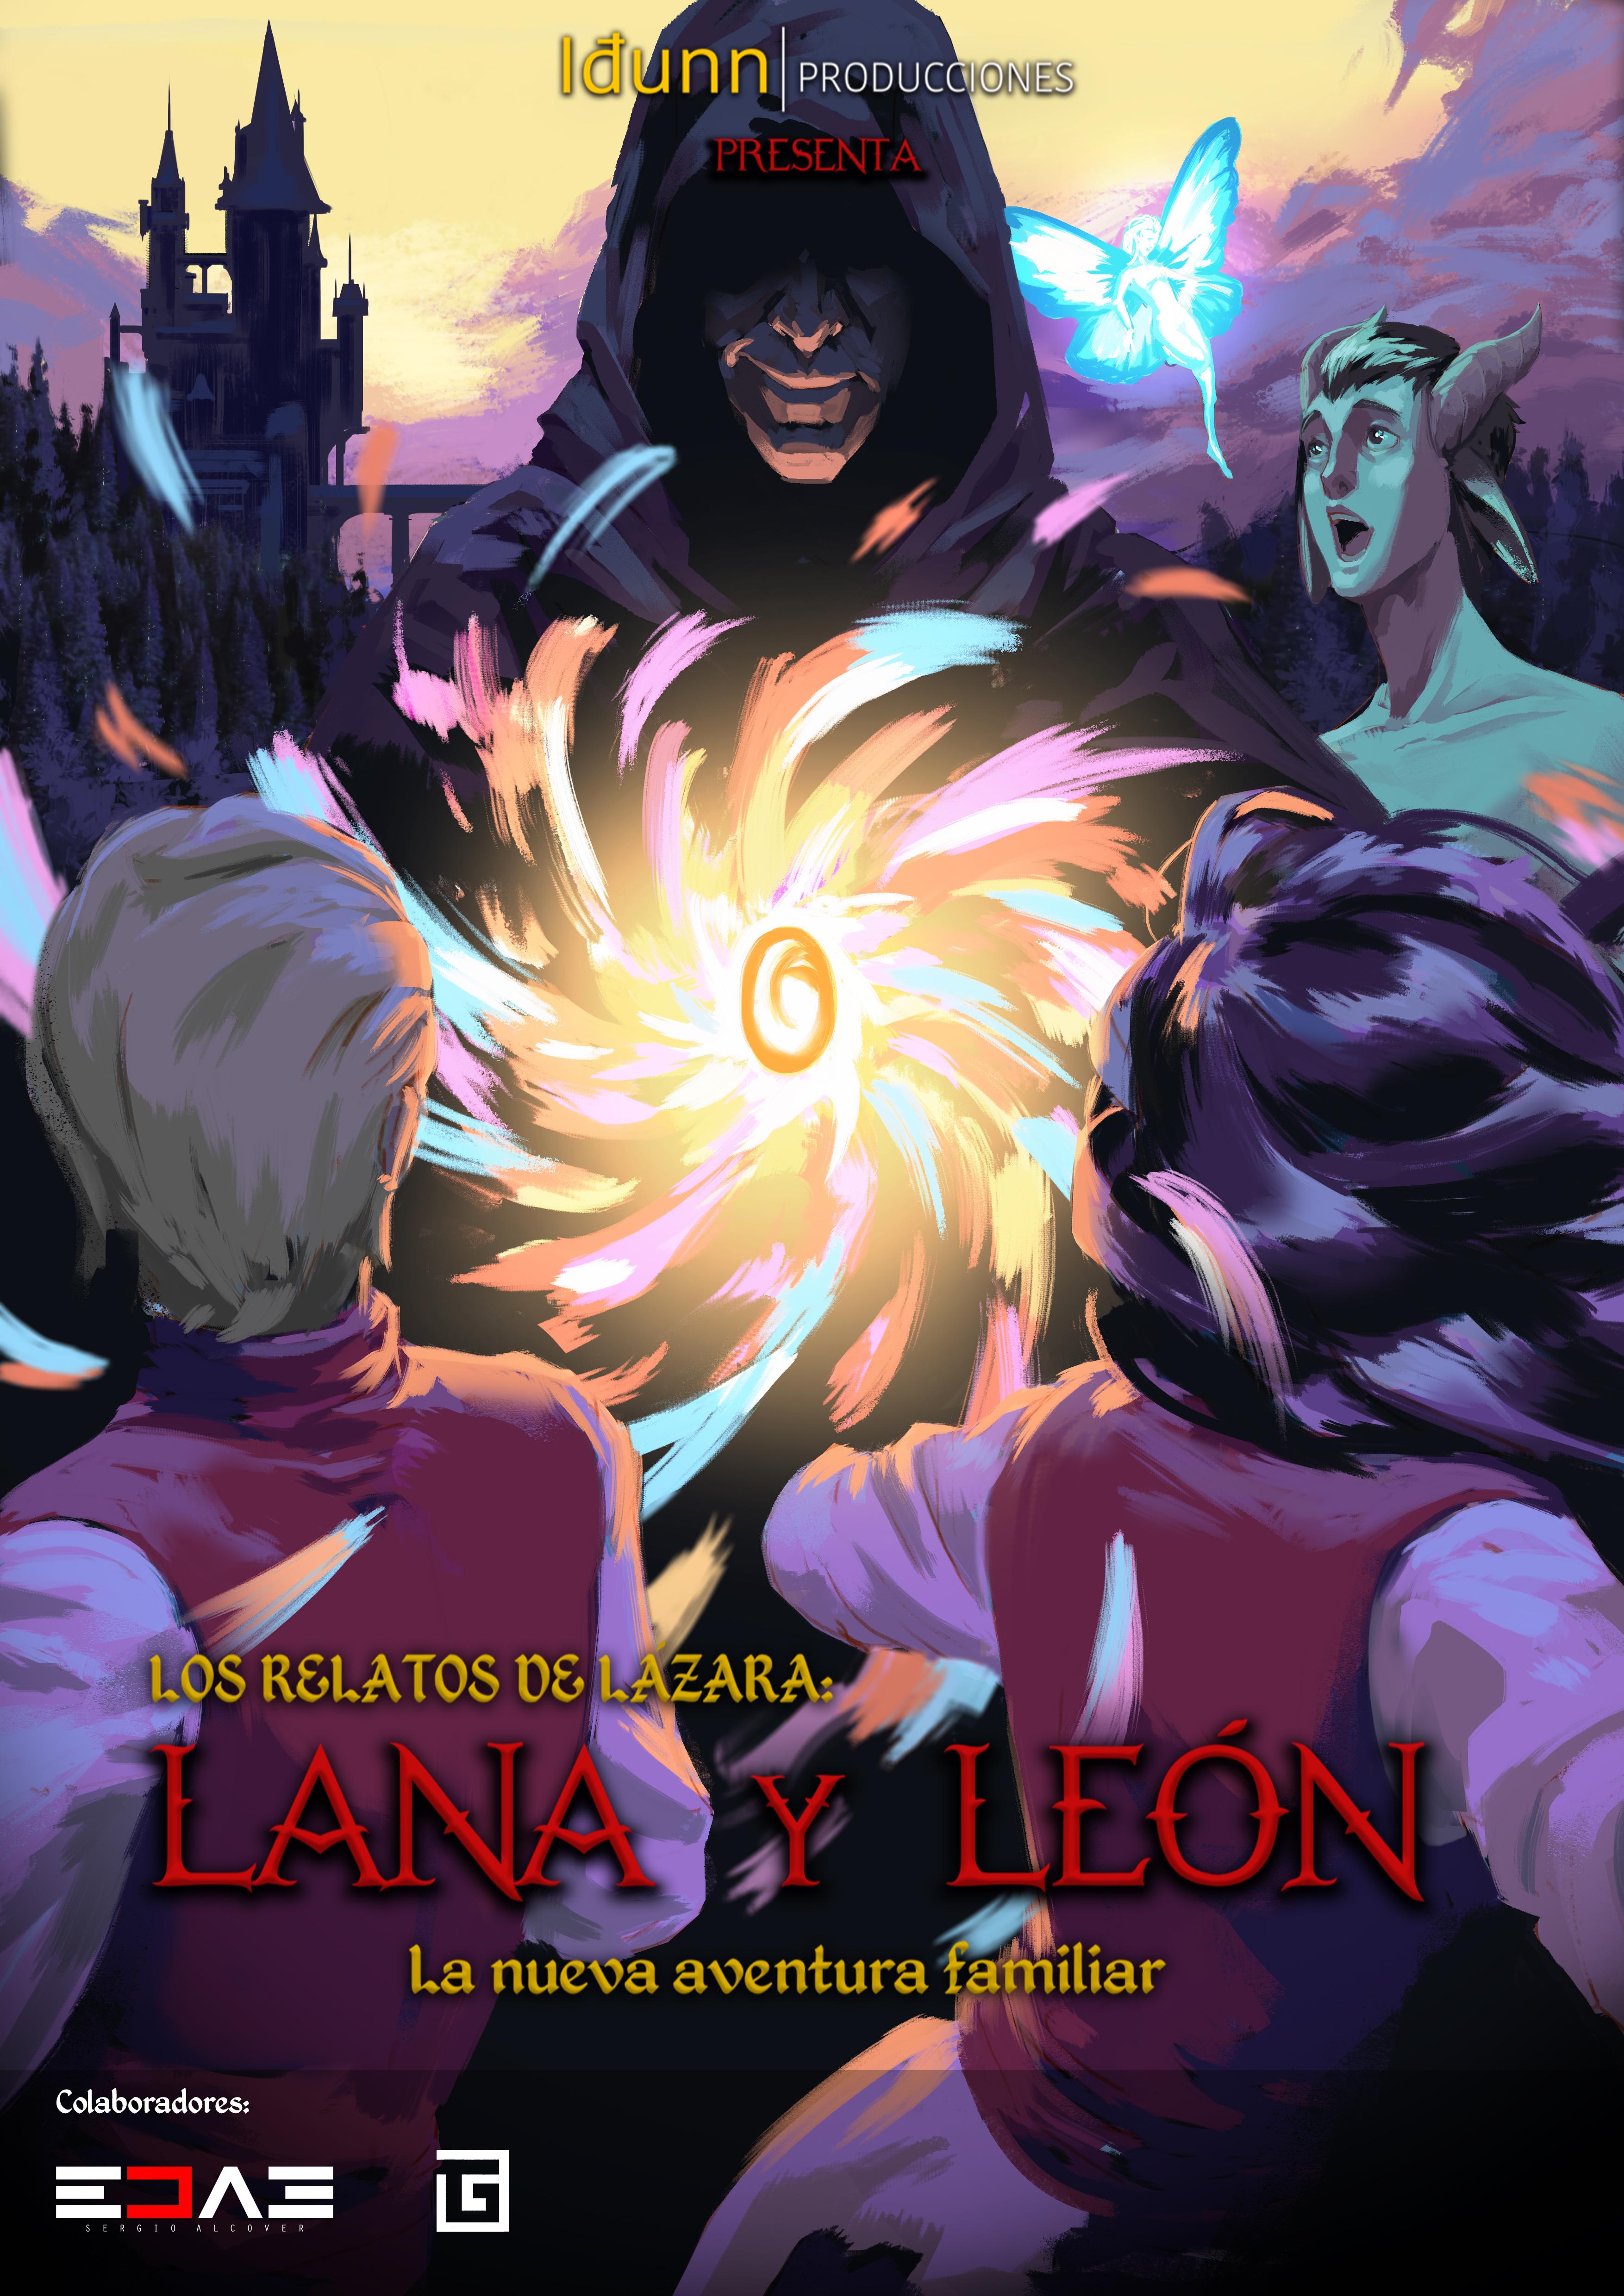 Los relatos de Lazara: Lana y León